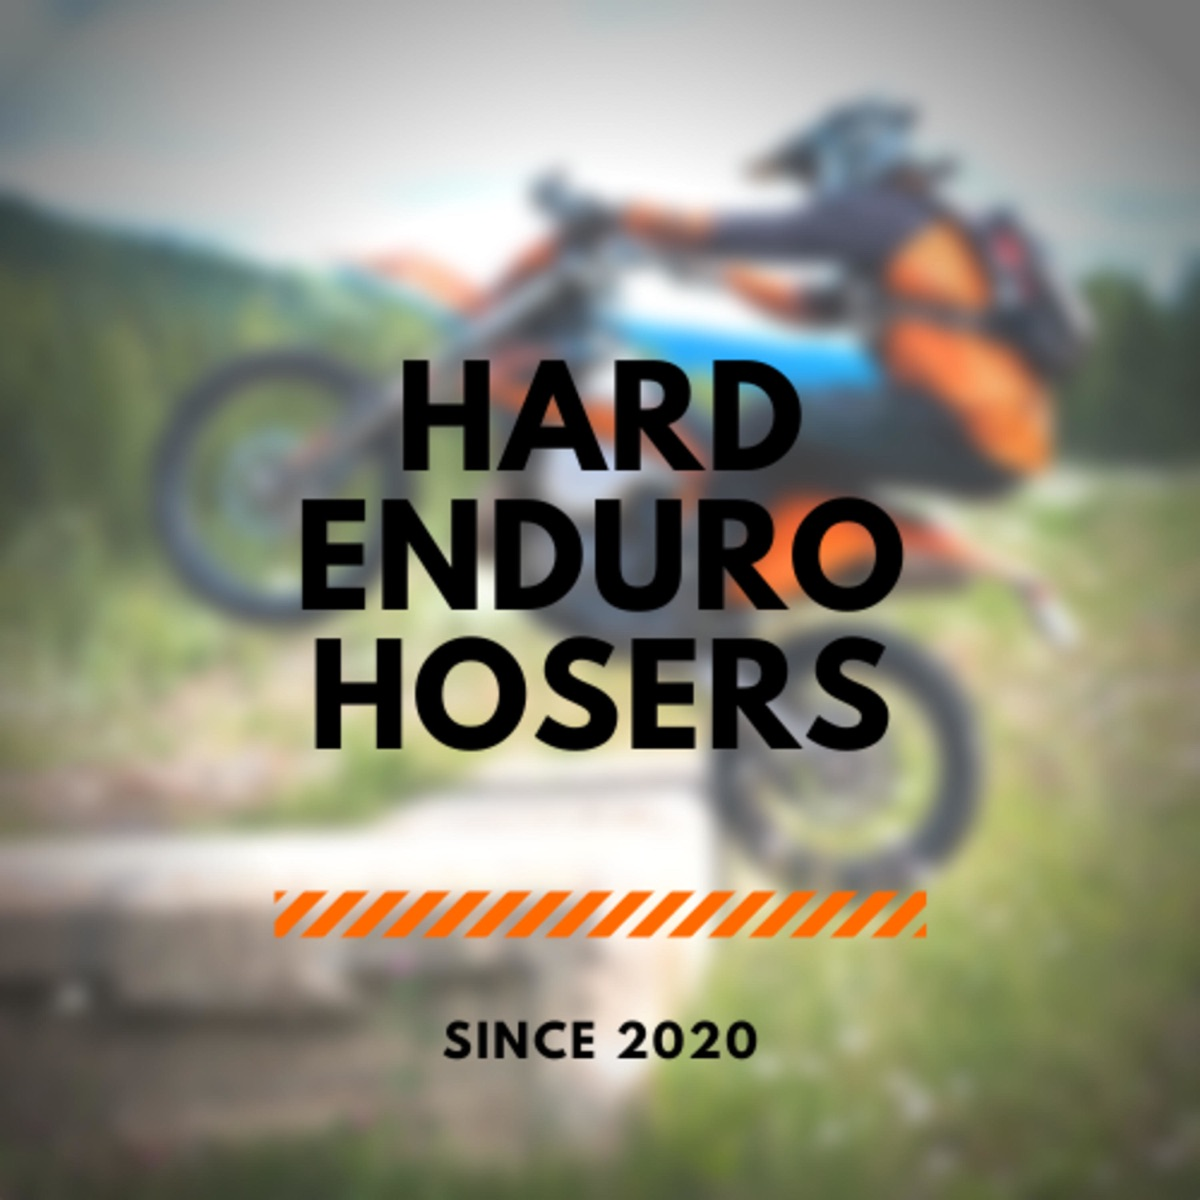 Hard Enduro Hosers